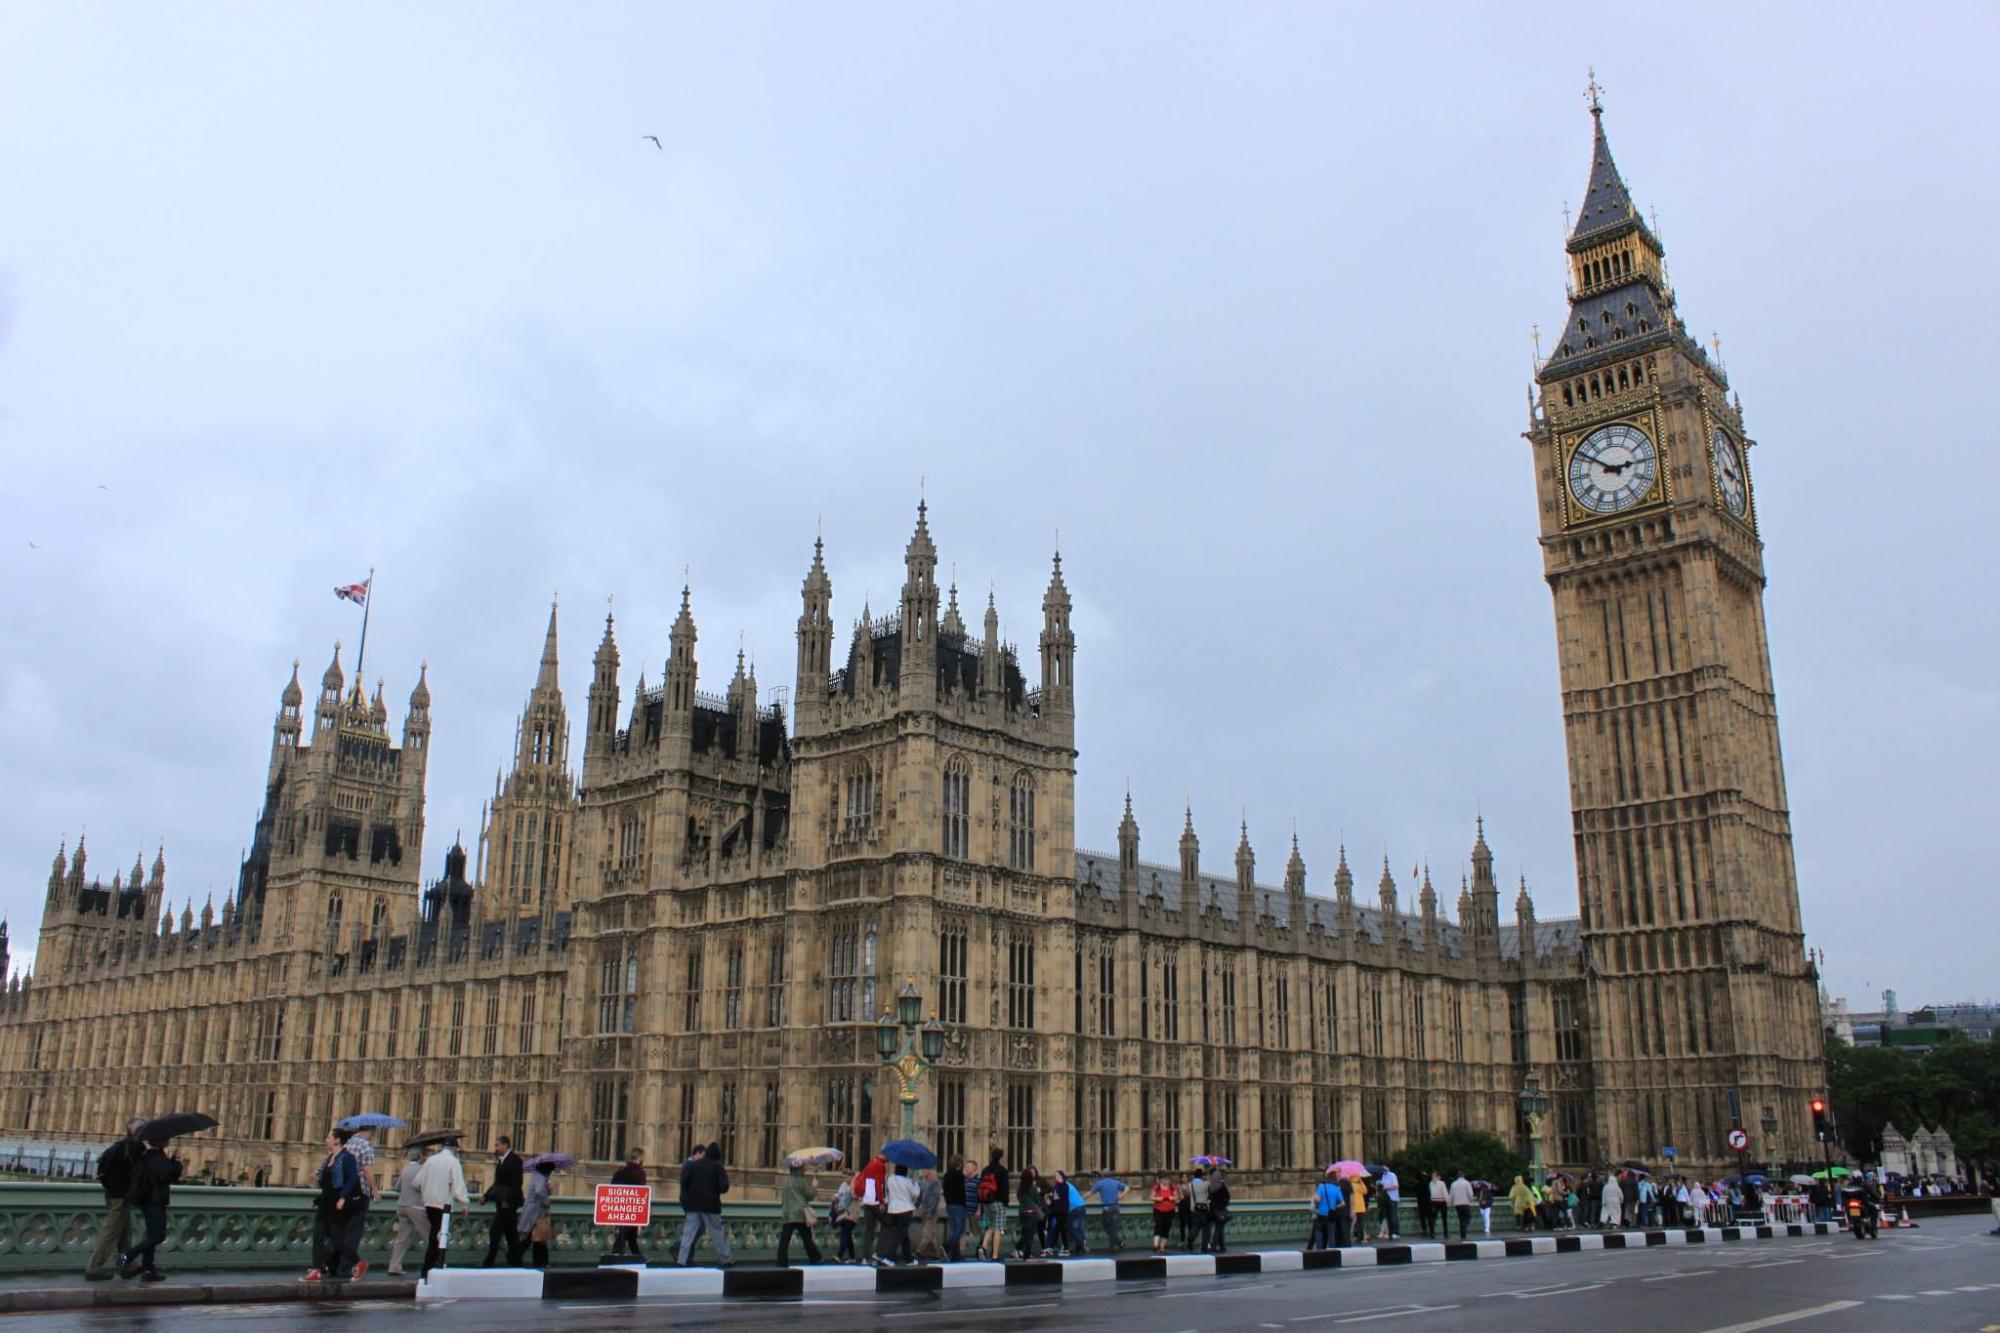 Khám phá London qua những bức ảnh đời thường